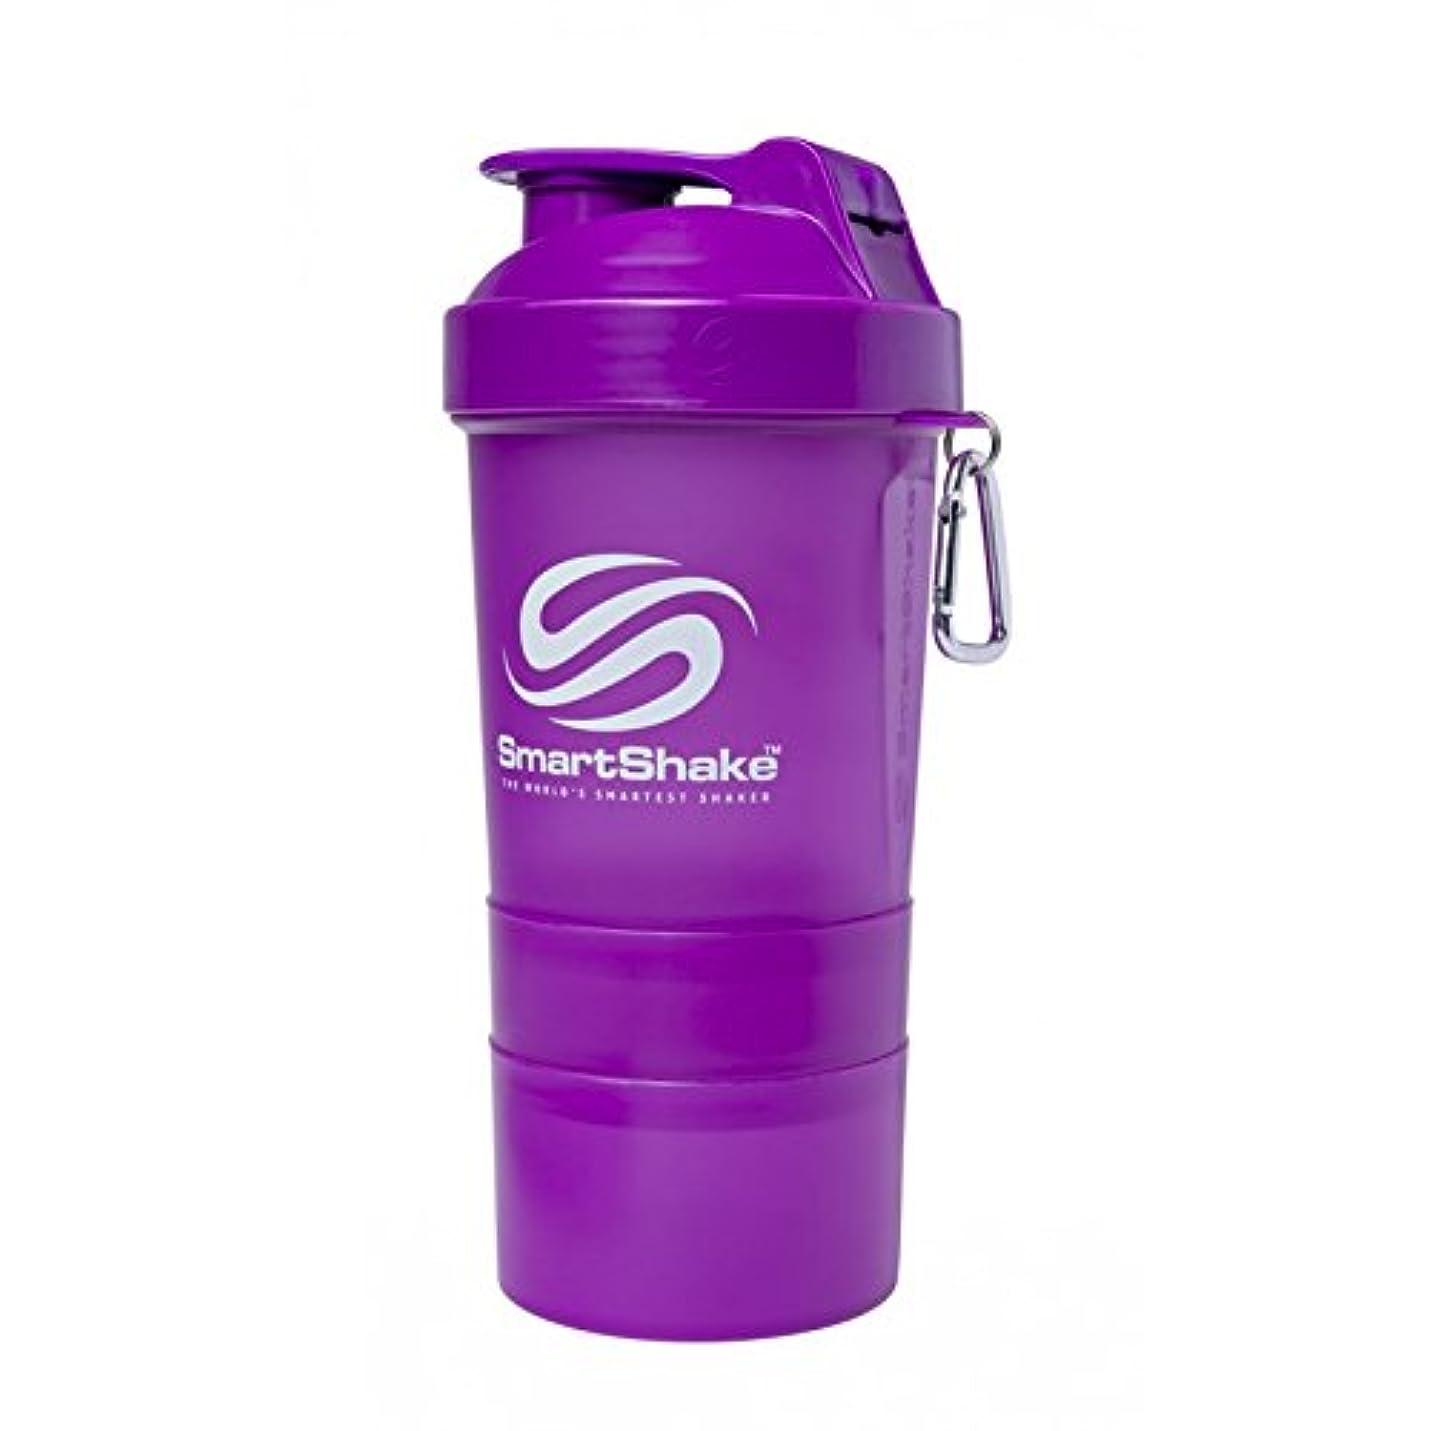 九月帰るつま先SmartShake Original Shaker Cup, Neon Purple, 20 oz by smartshake